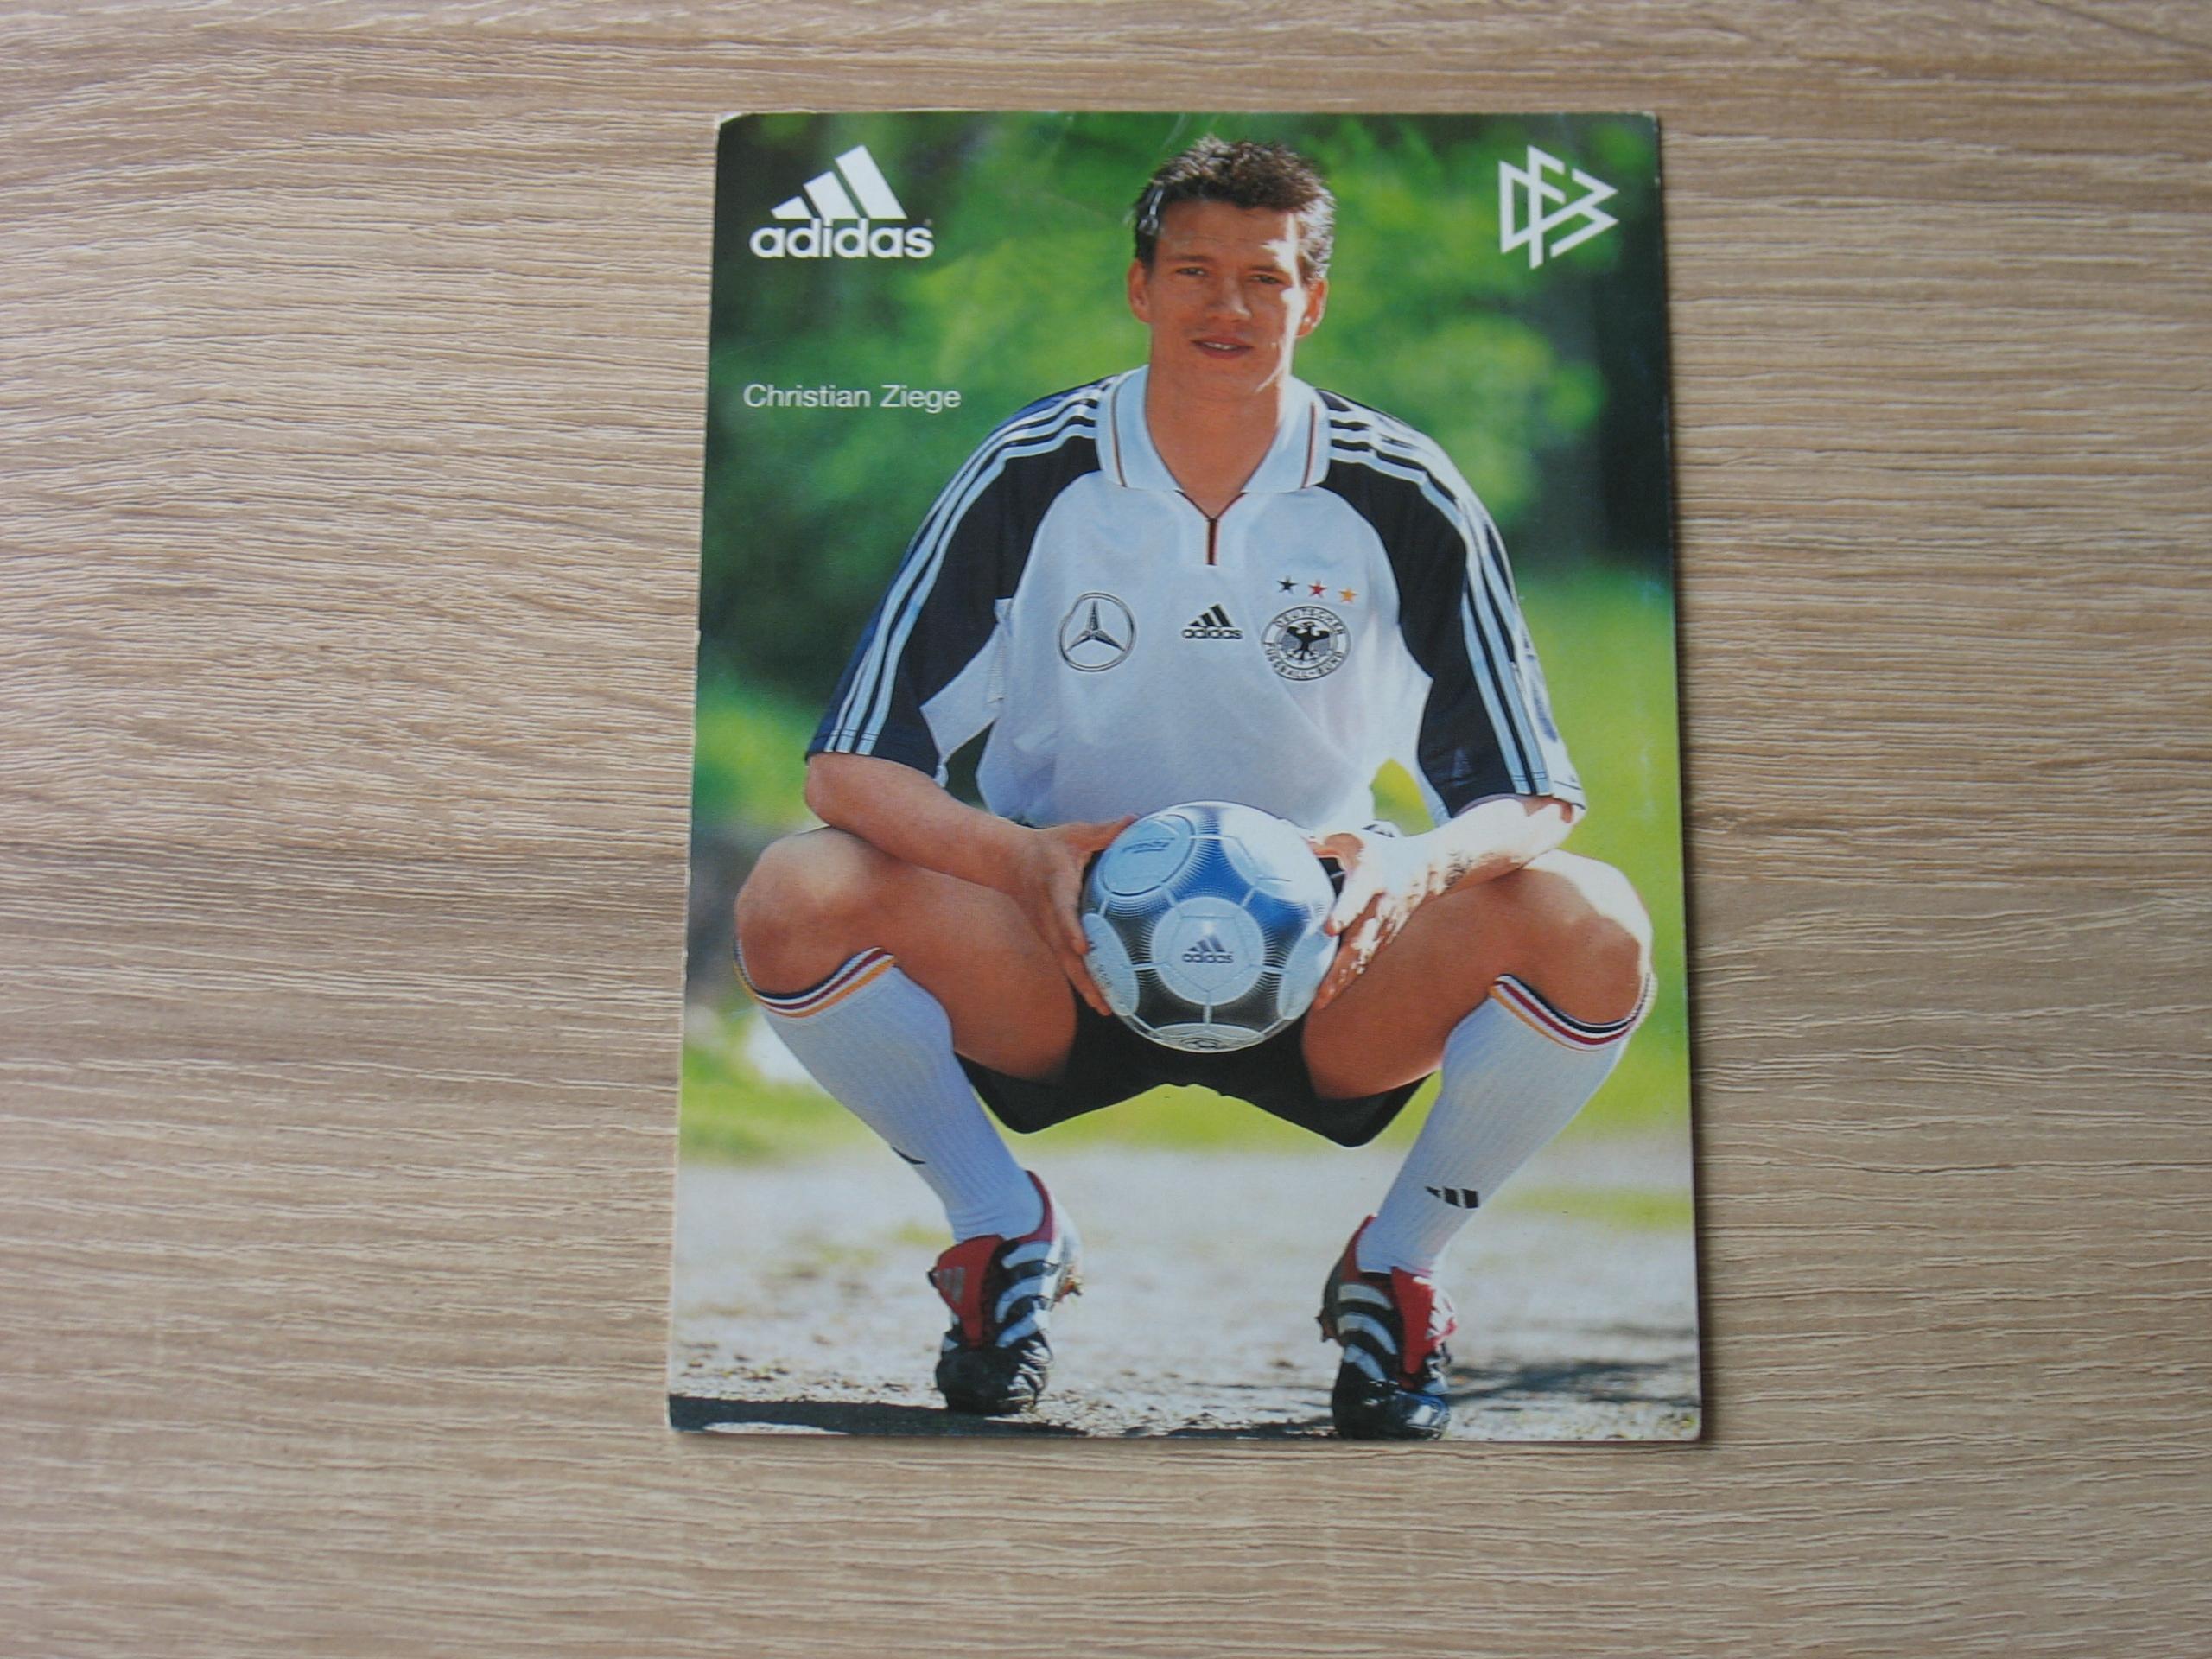 Piłka nożna - fotos Christian Ziege , Niemcy